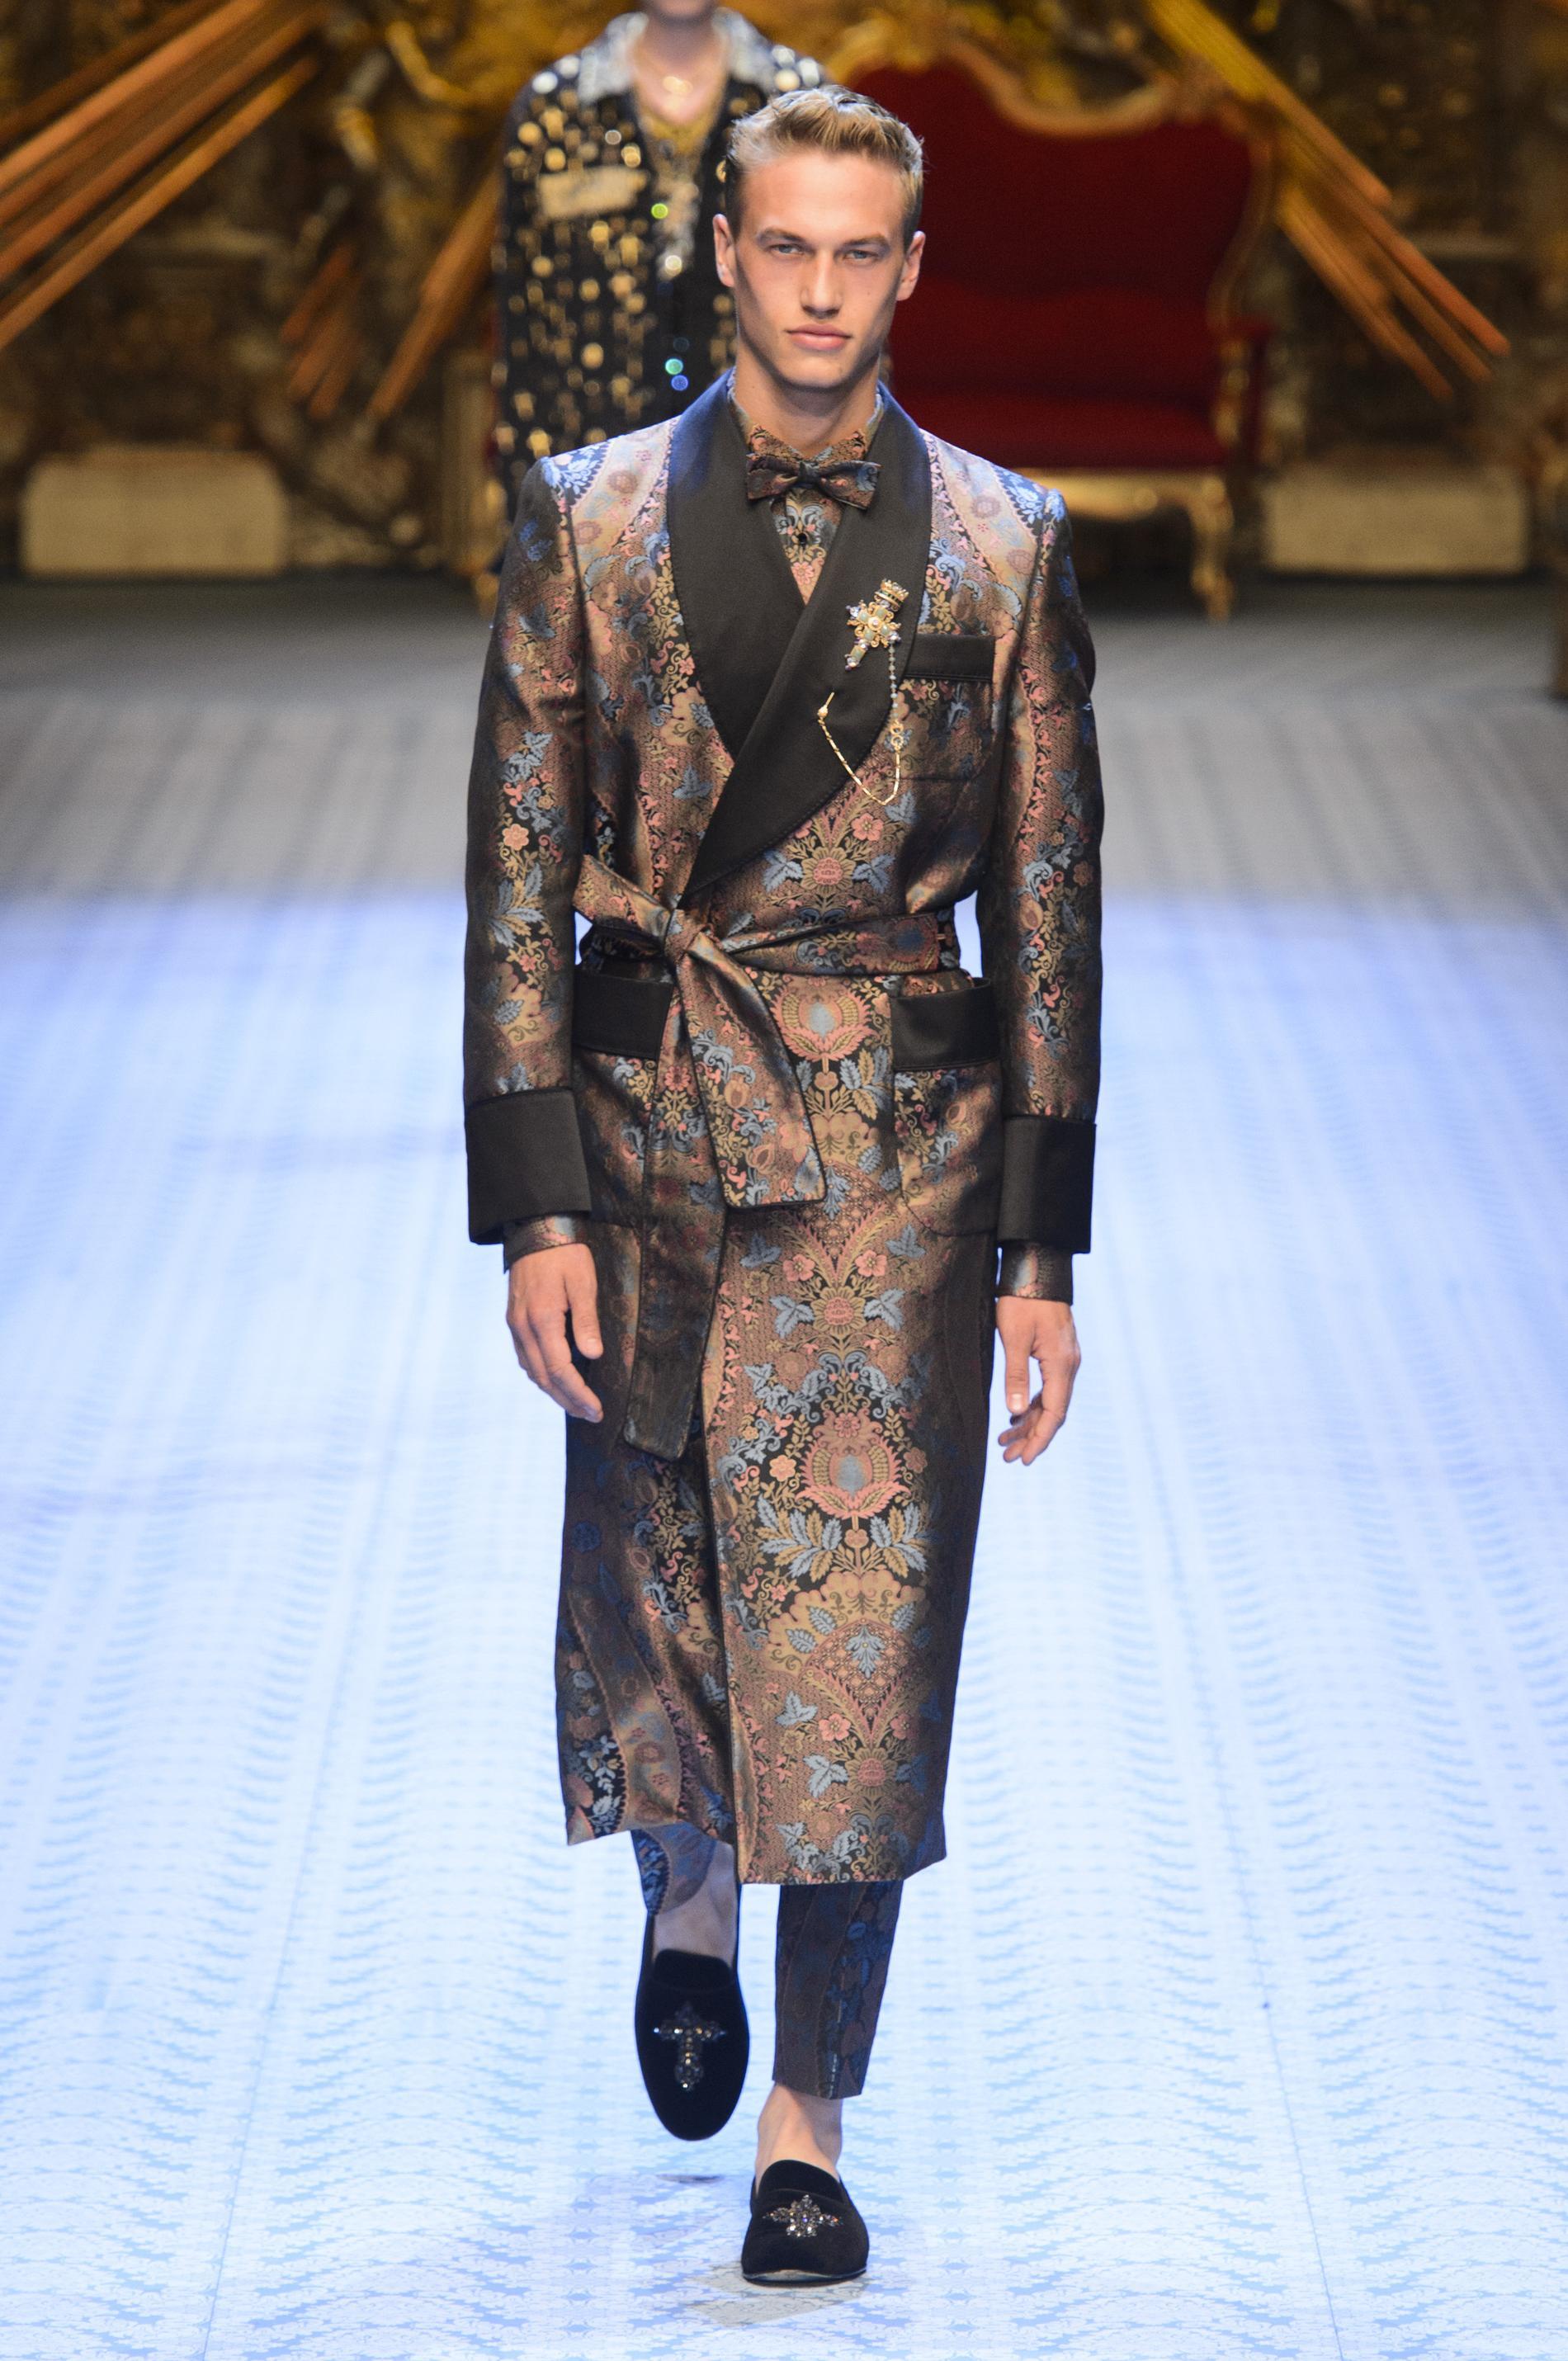 12903273d2 Défilé Dolce & Gabbana printemps-été 2019 Homme - Madame Figaro